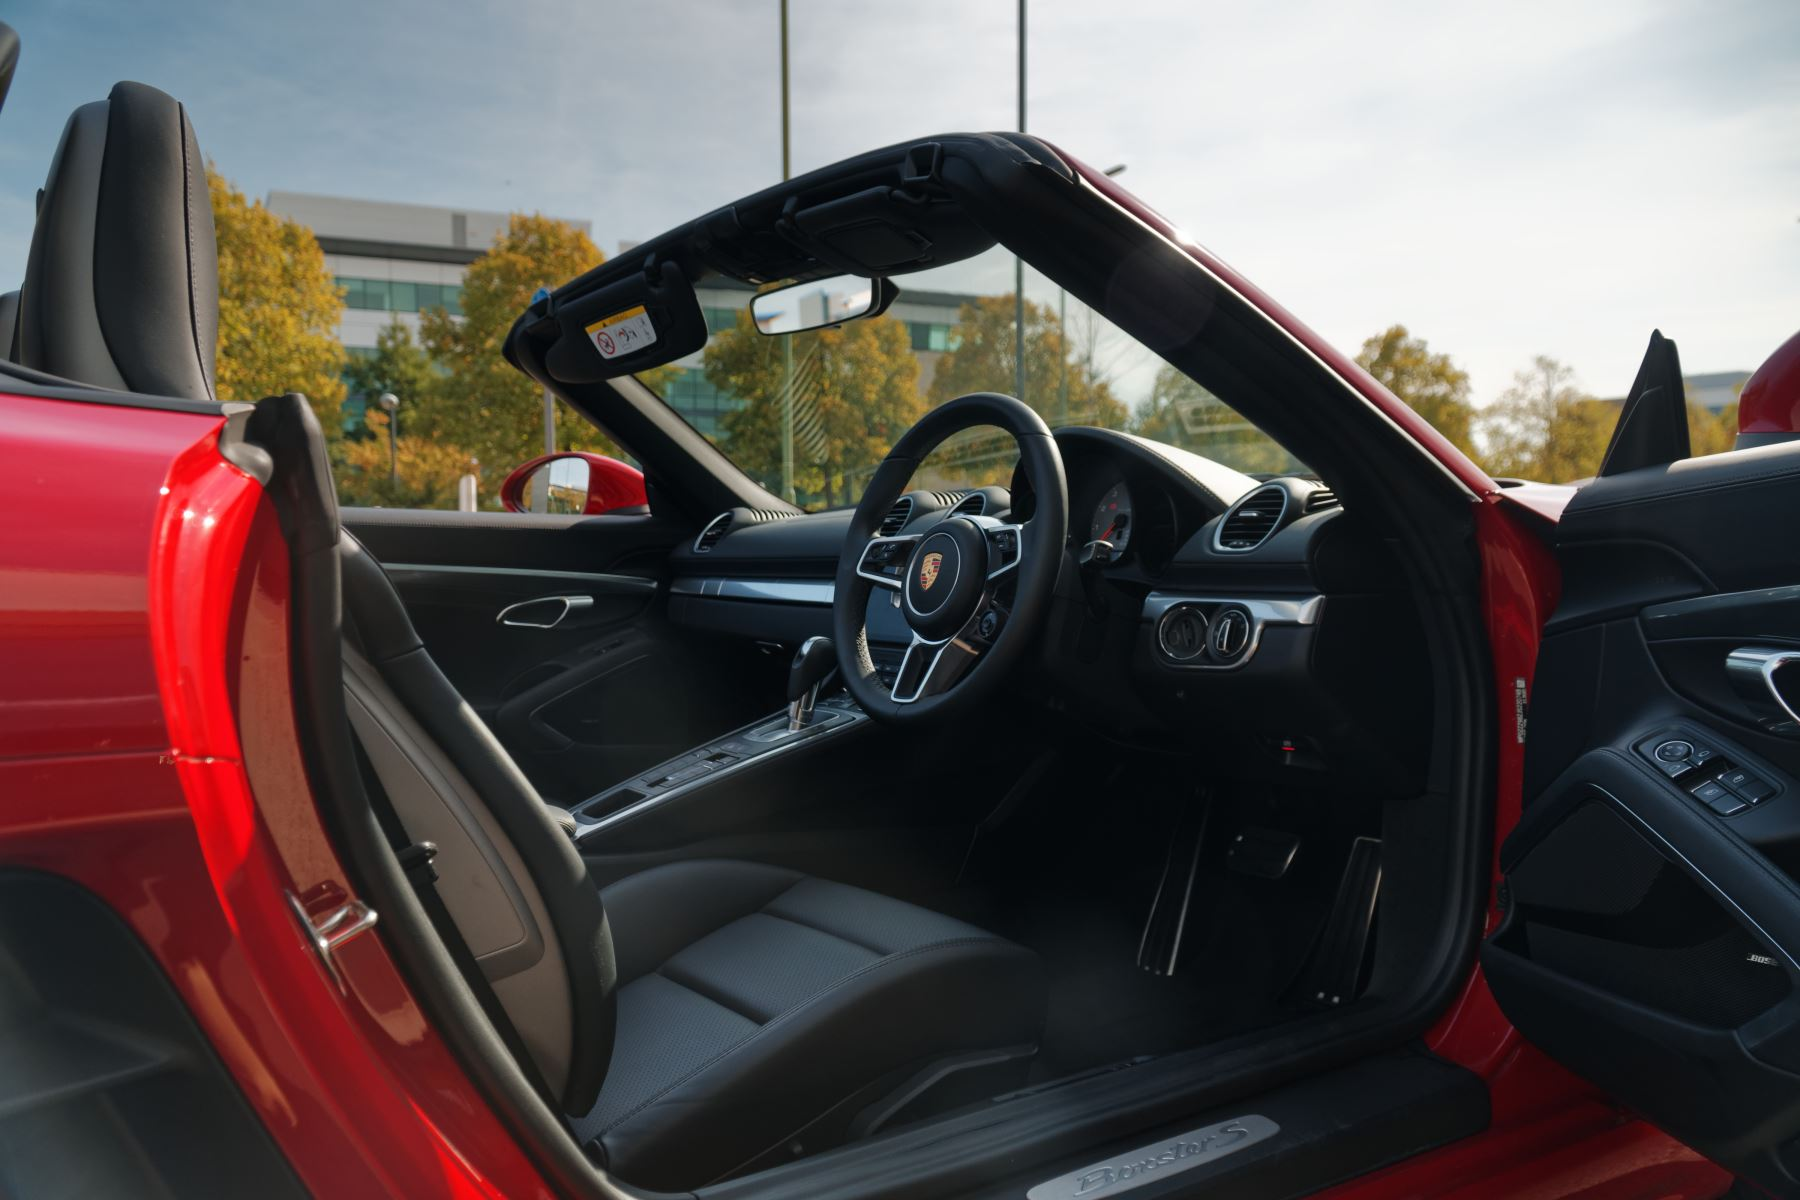 Porsche Boxster S image 15